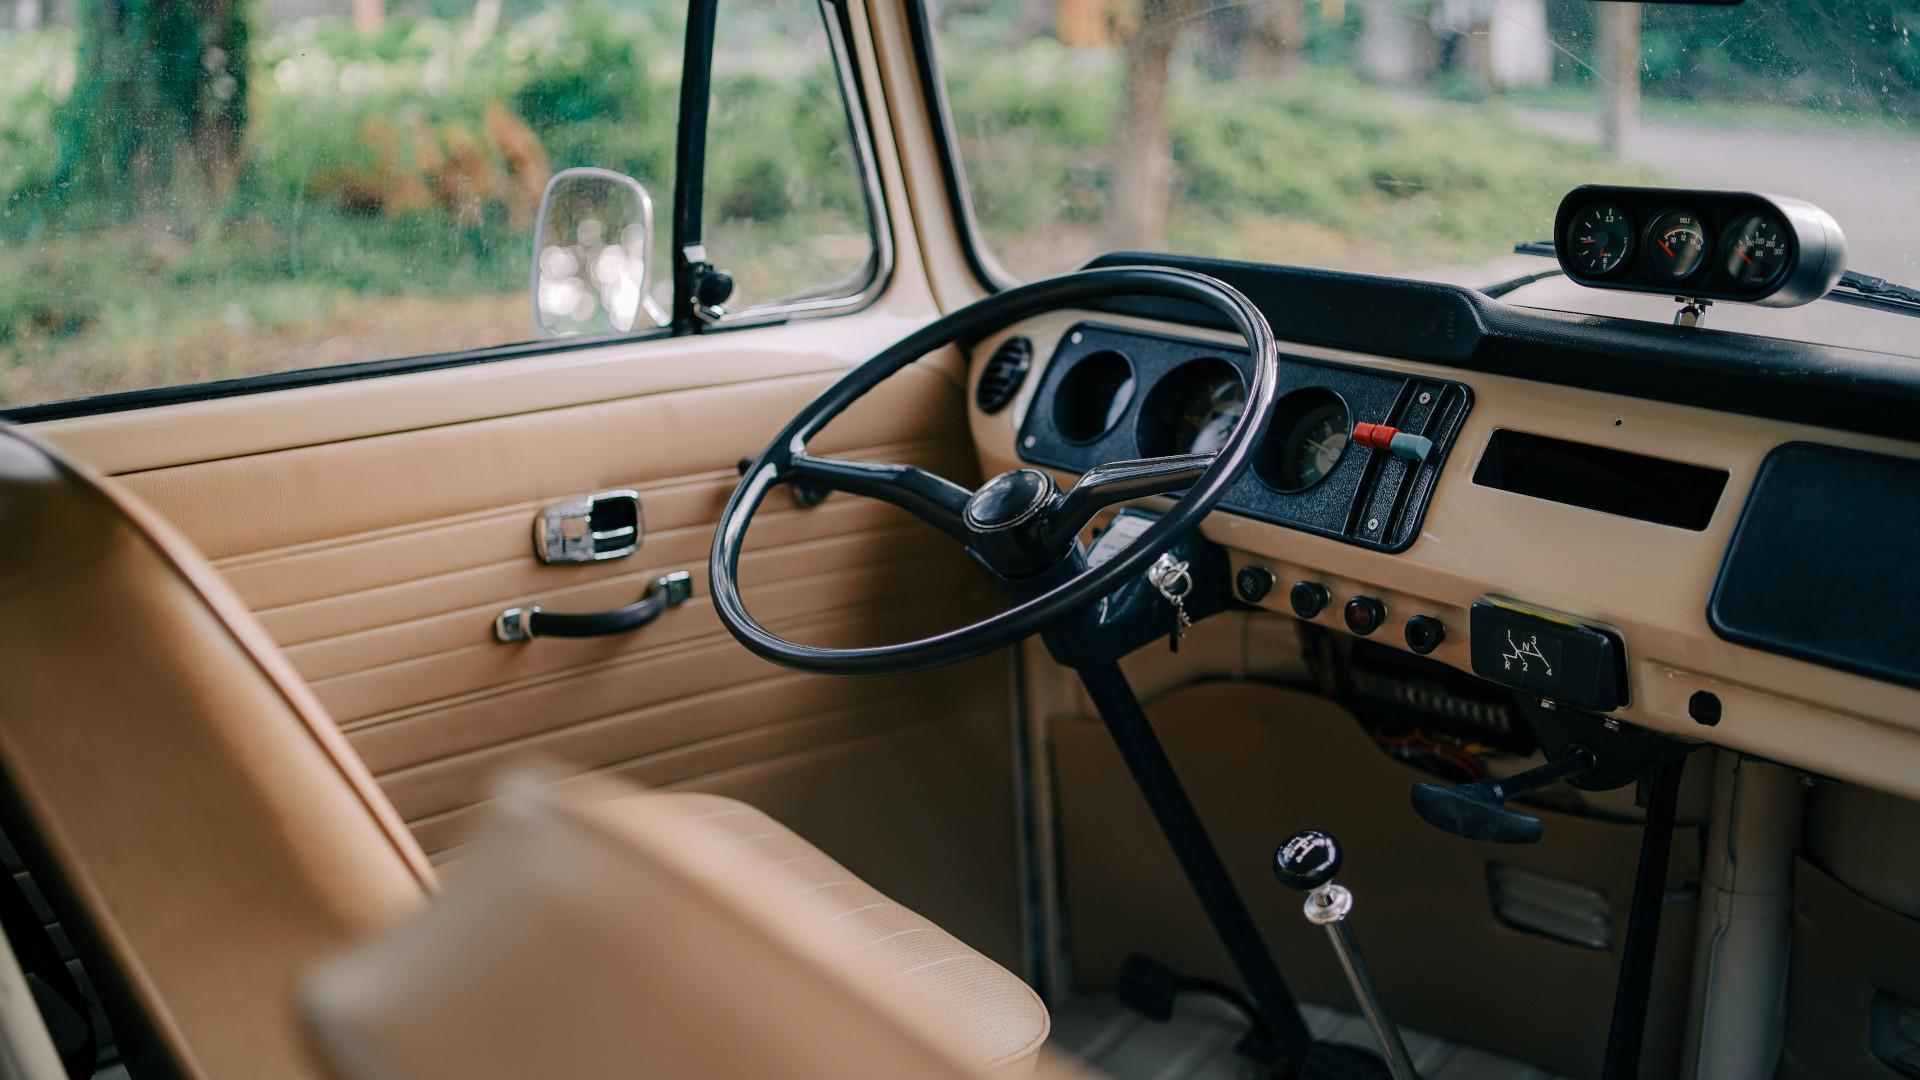 Volkswagen Type 2 steering wheel and dashboard